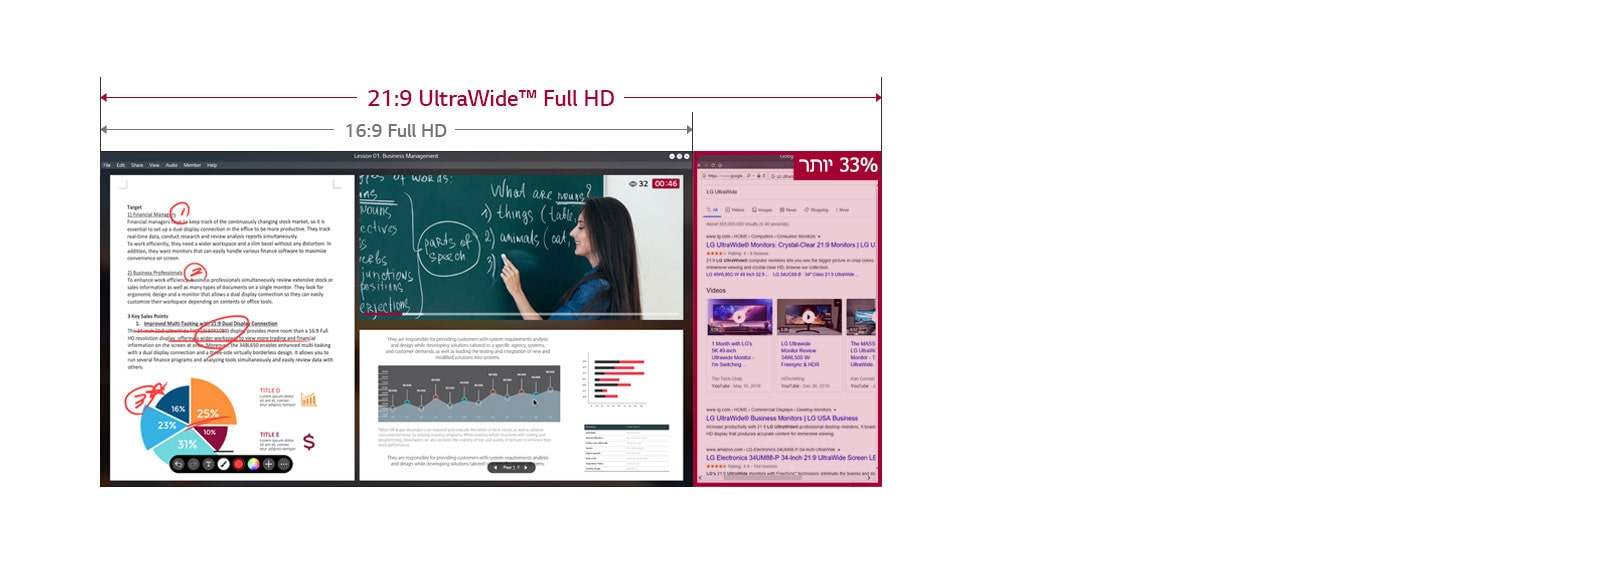 תמונה של המסך הרחב יותר ב-33% של תצוגת 21:9 UltraWide Full HD בהשוואה לתצוגת 16:9 Full HD עם שיעור מקוון בעיצומו על המרקע.